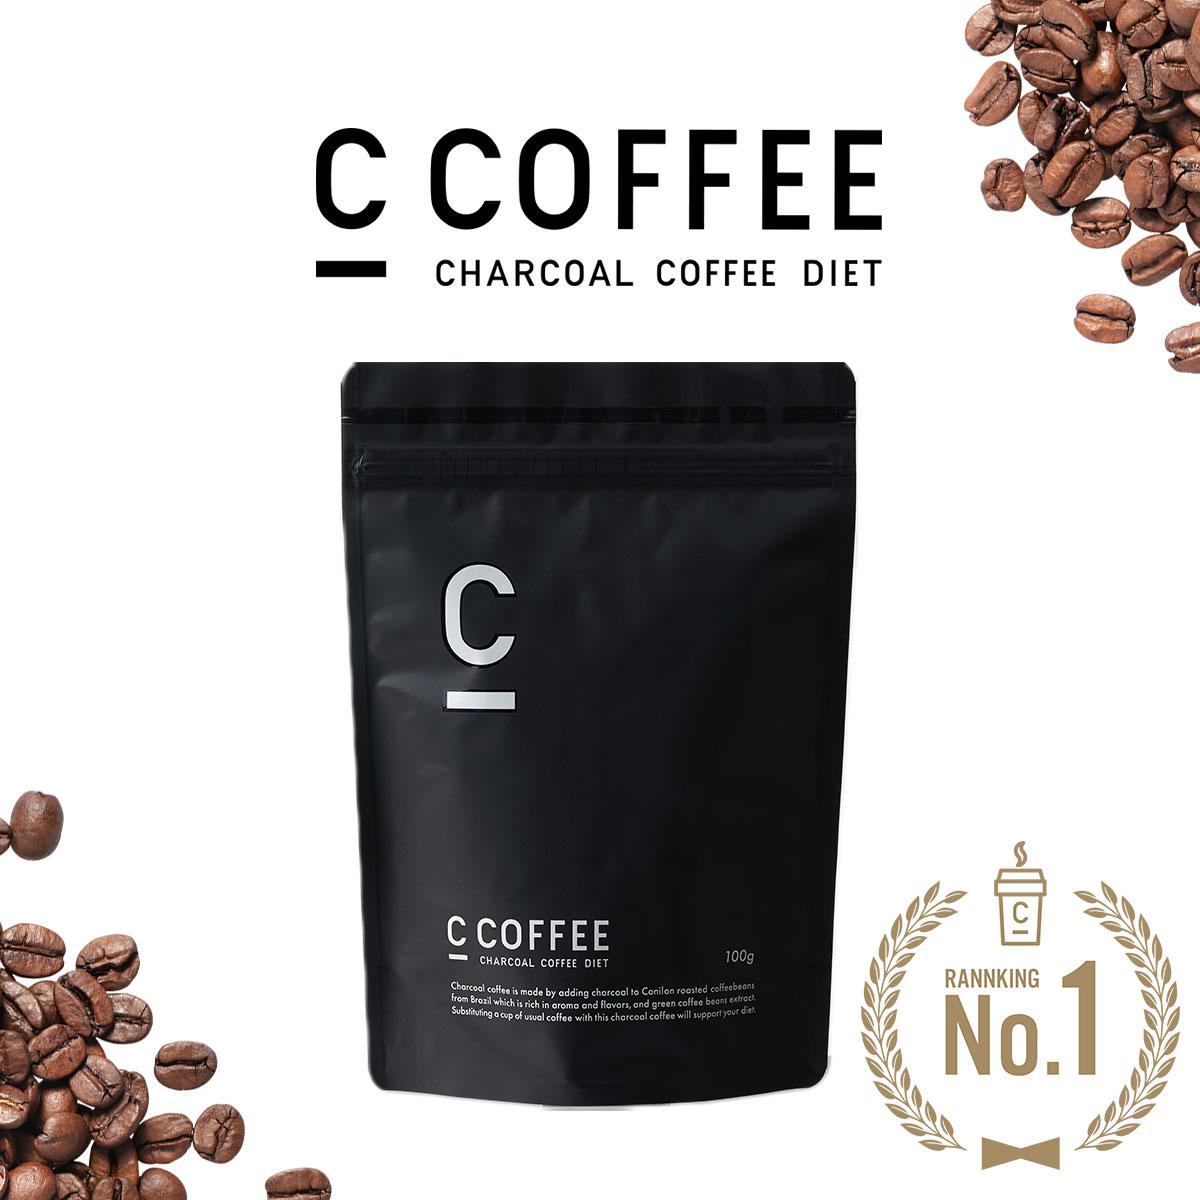 【公式】C COFFEE 1袋 MCTオイル チャコールコーヒーダイエット ダイエットコーヒー ダイエット コーヒー 珈琲 シーコーヒー ccoffee チャコールクレンズ ダイエット